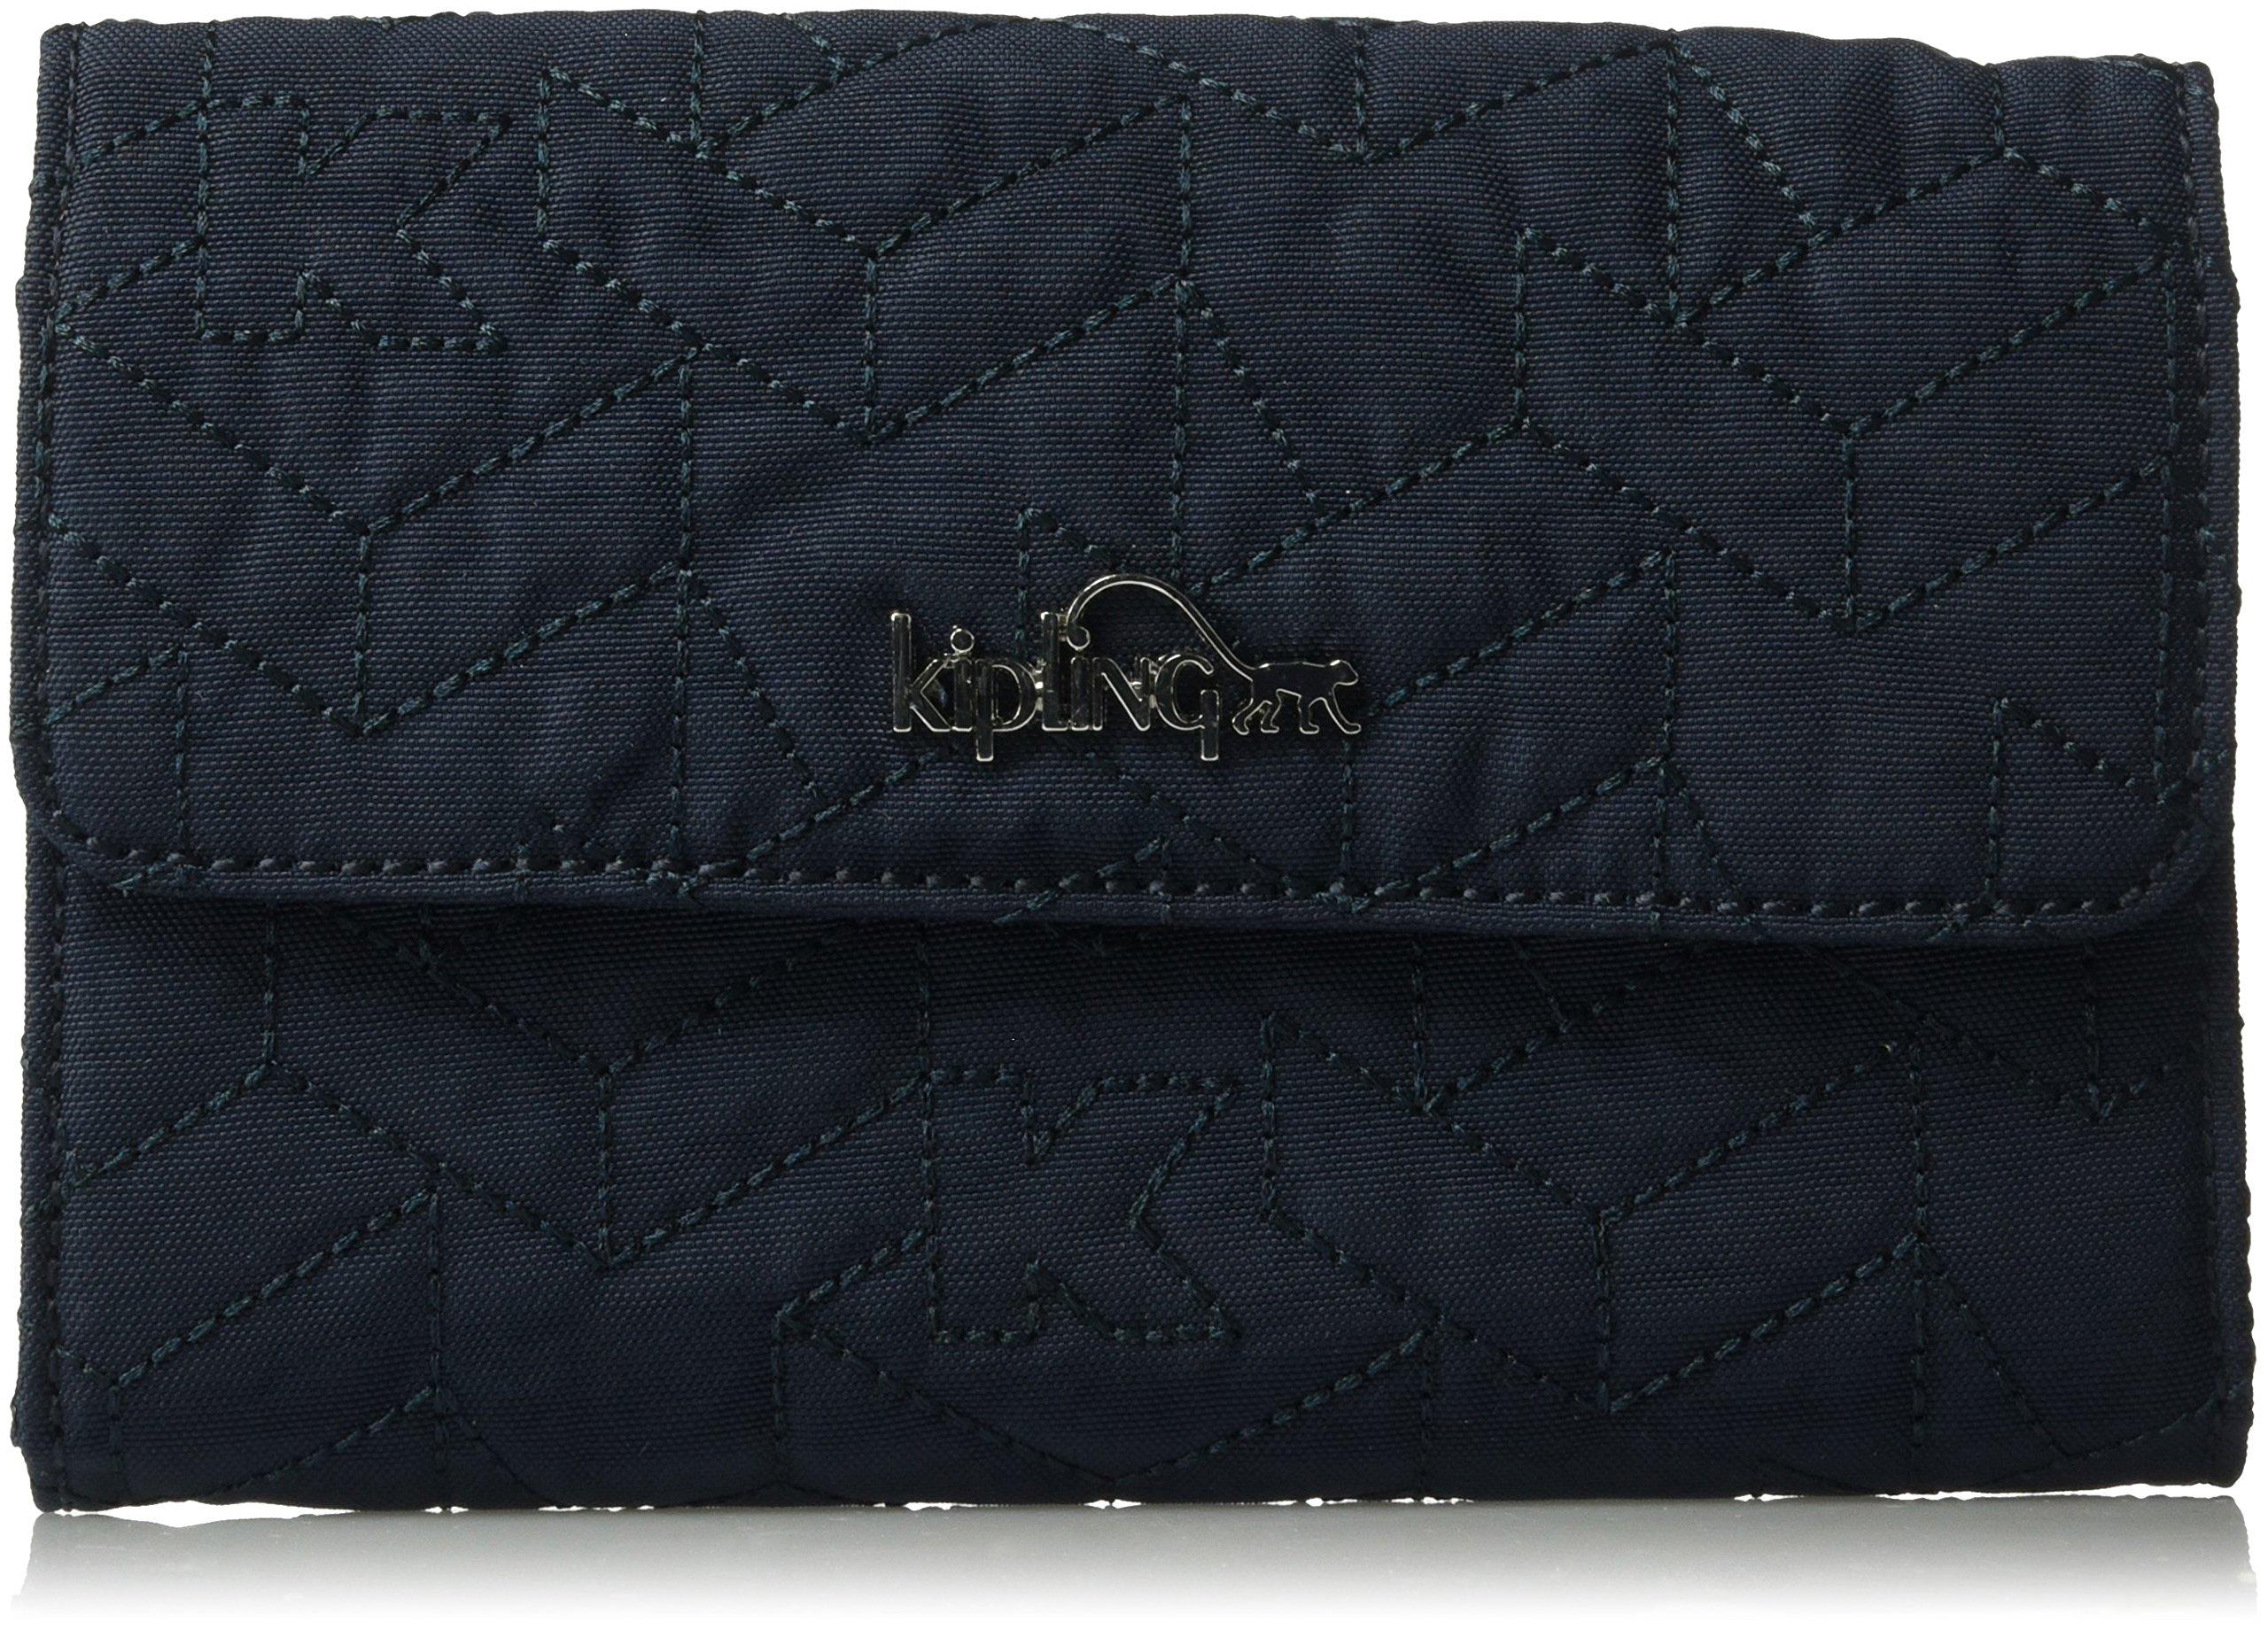 Kipling Cash Solid Quilted Wallet Wallet